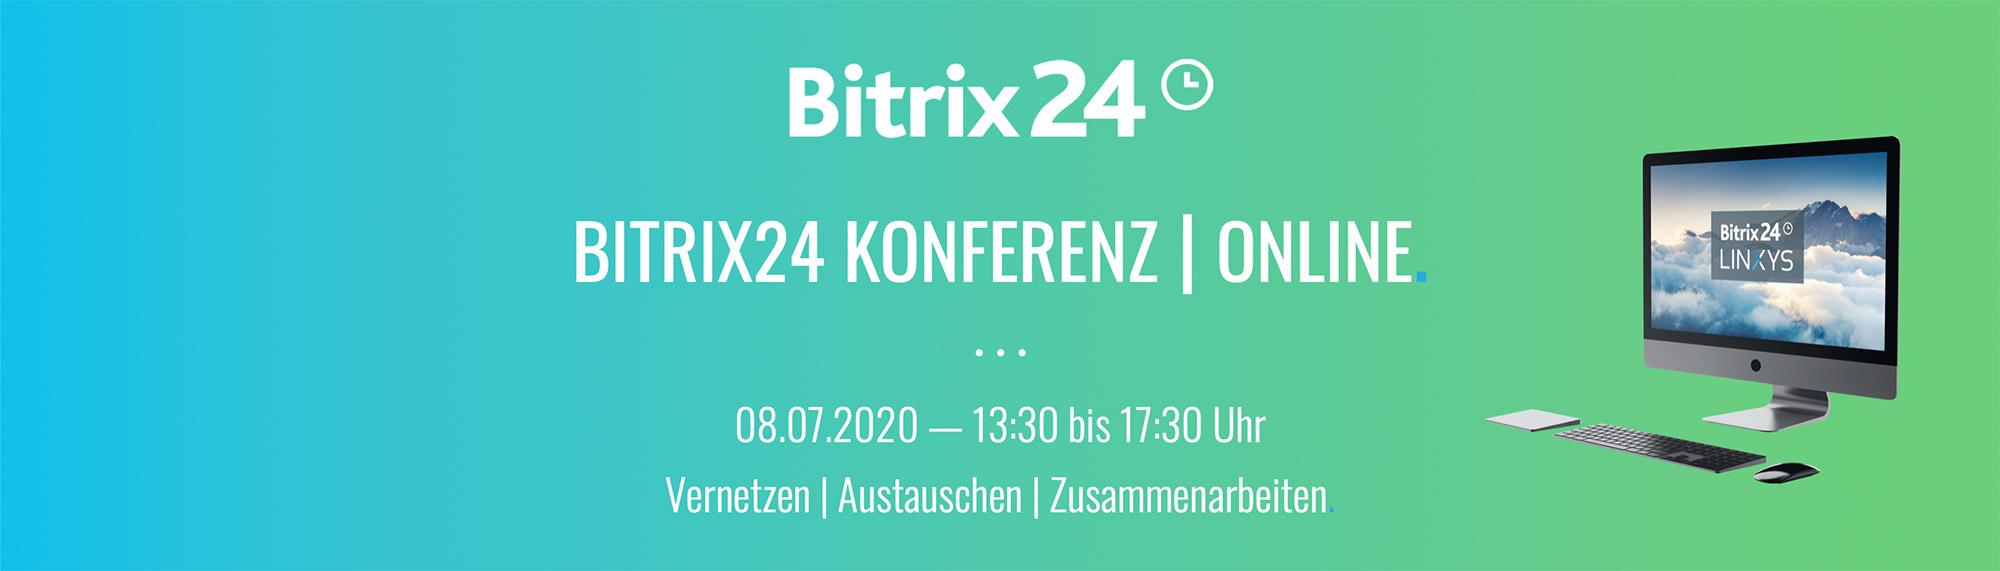 Bitrix24 Konferenz